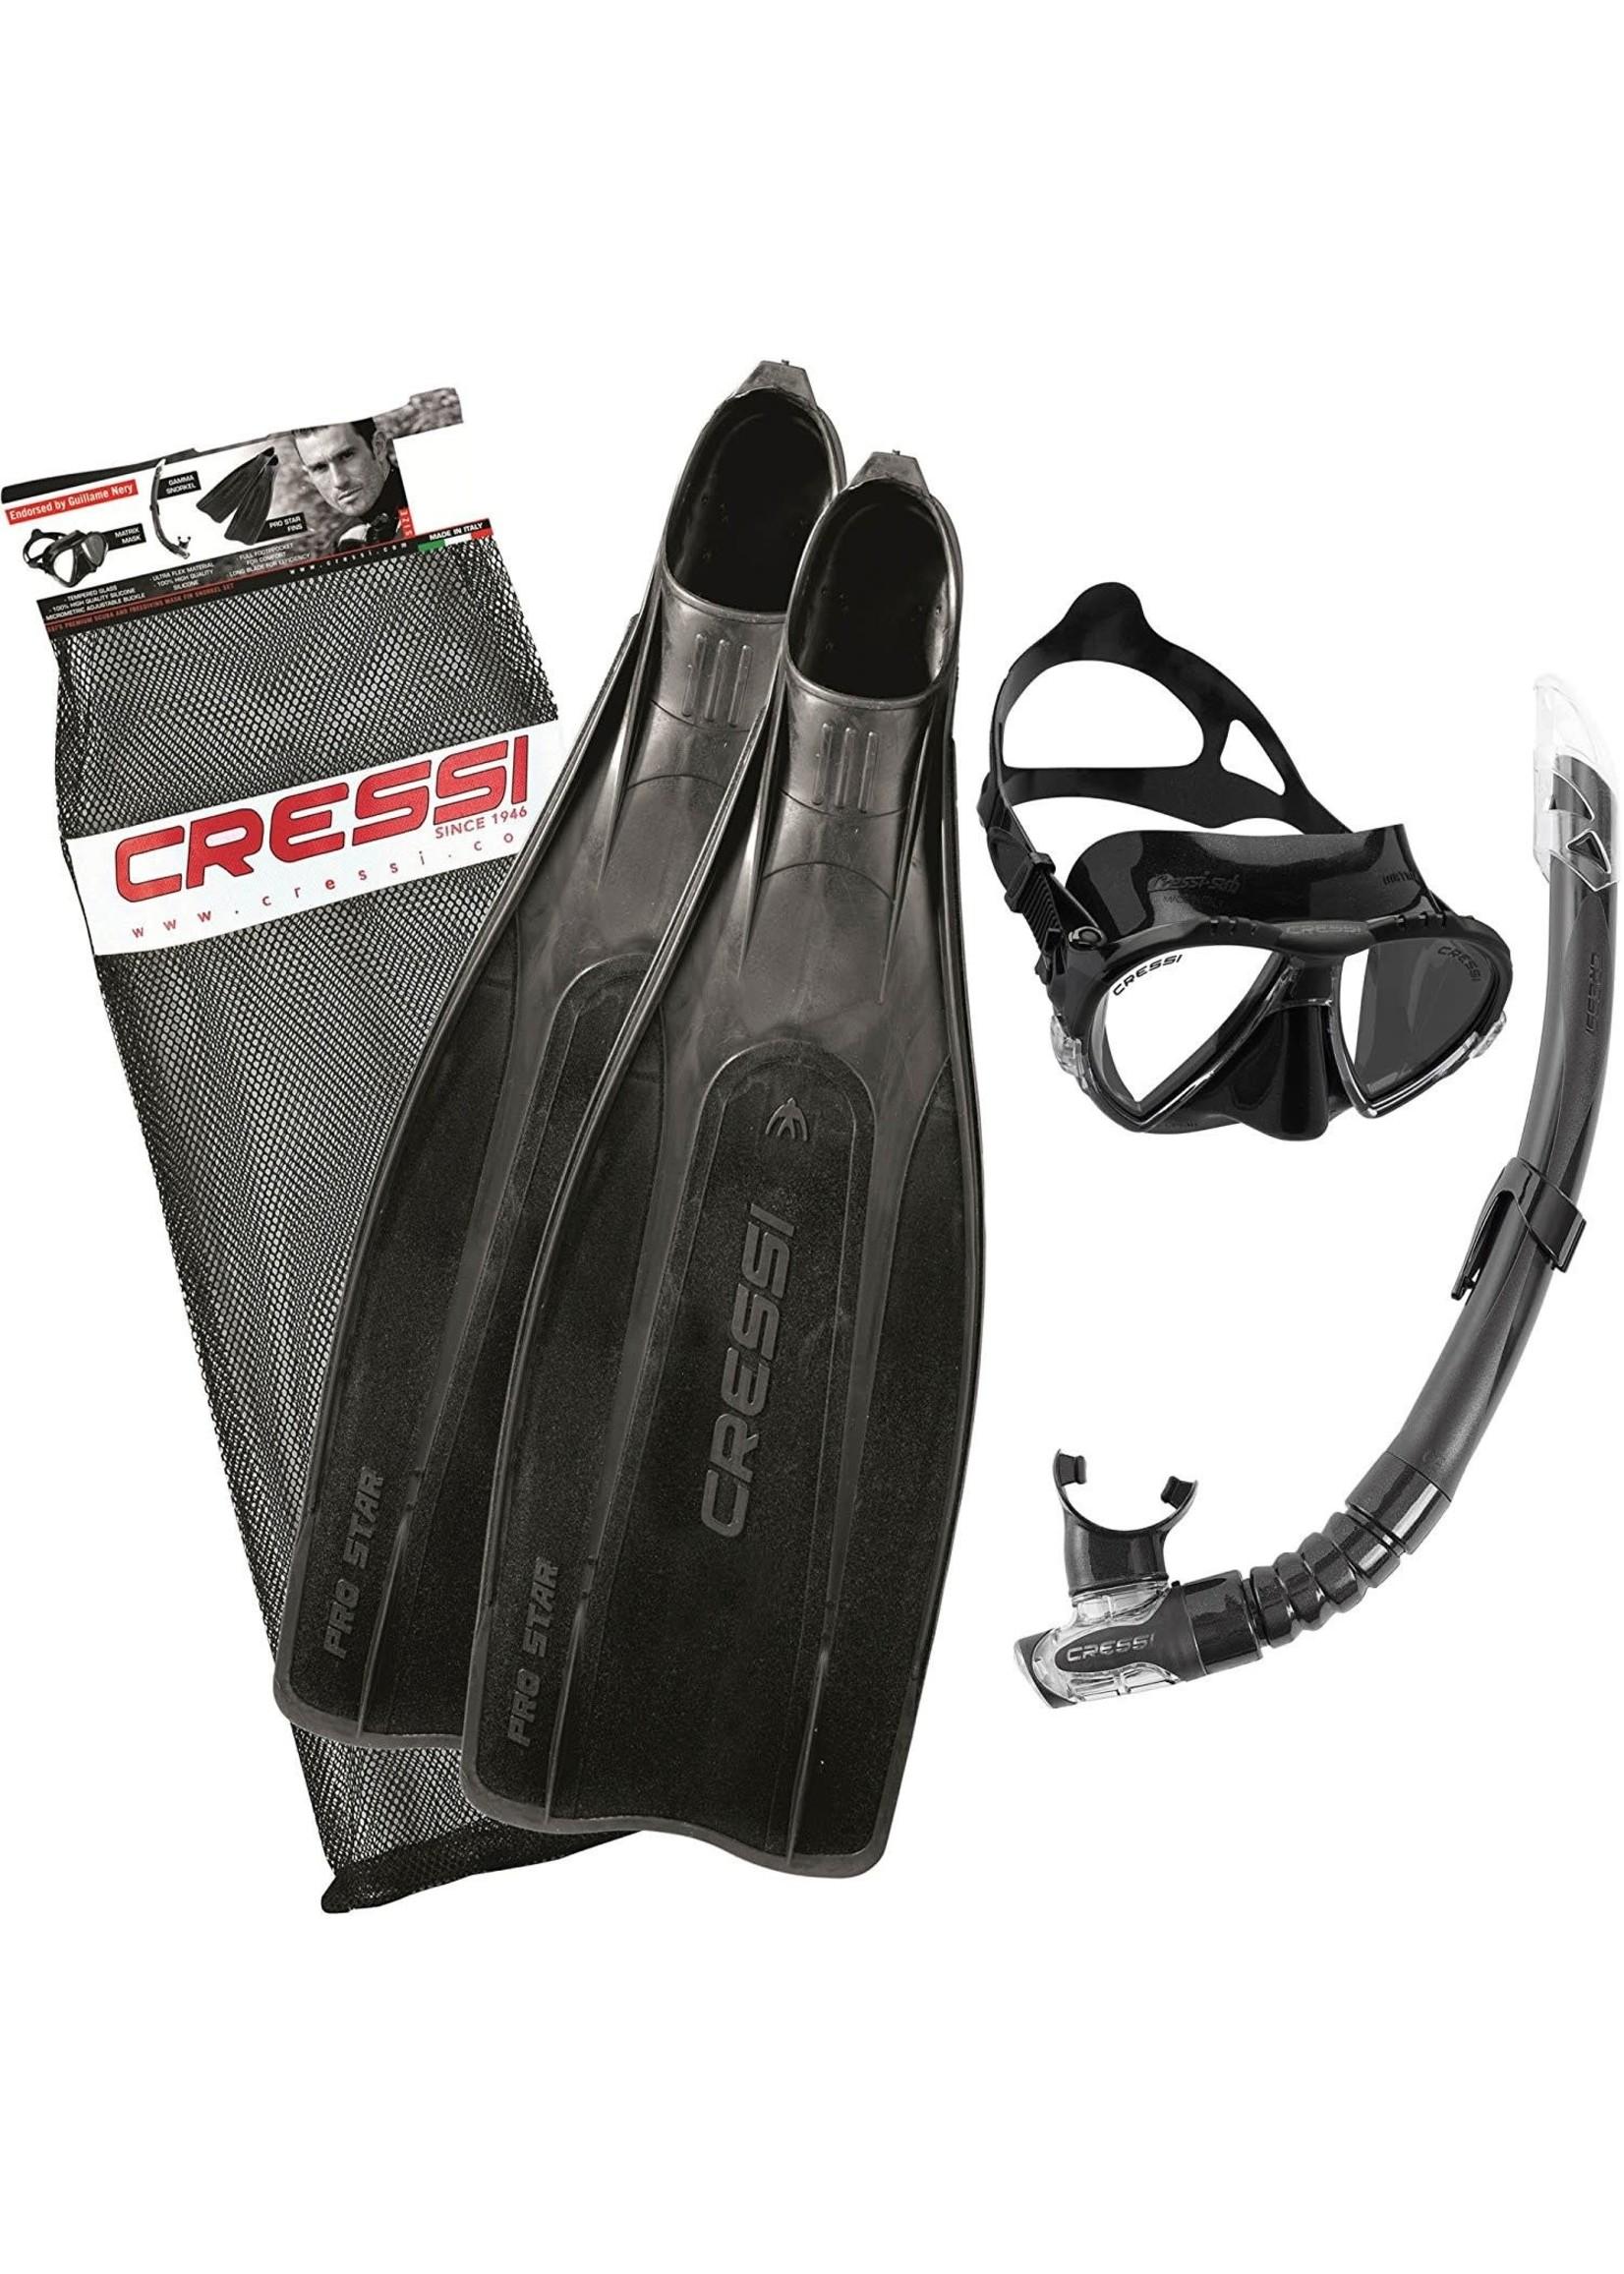 Cressi Cressi Snorkelset PRO STAR Bag - Zwart